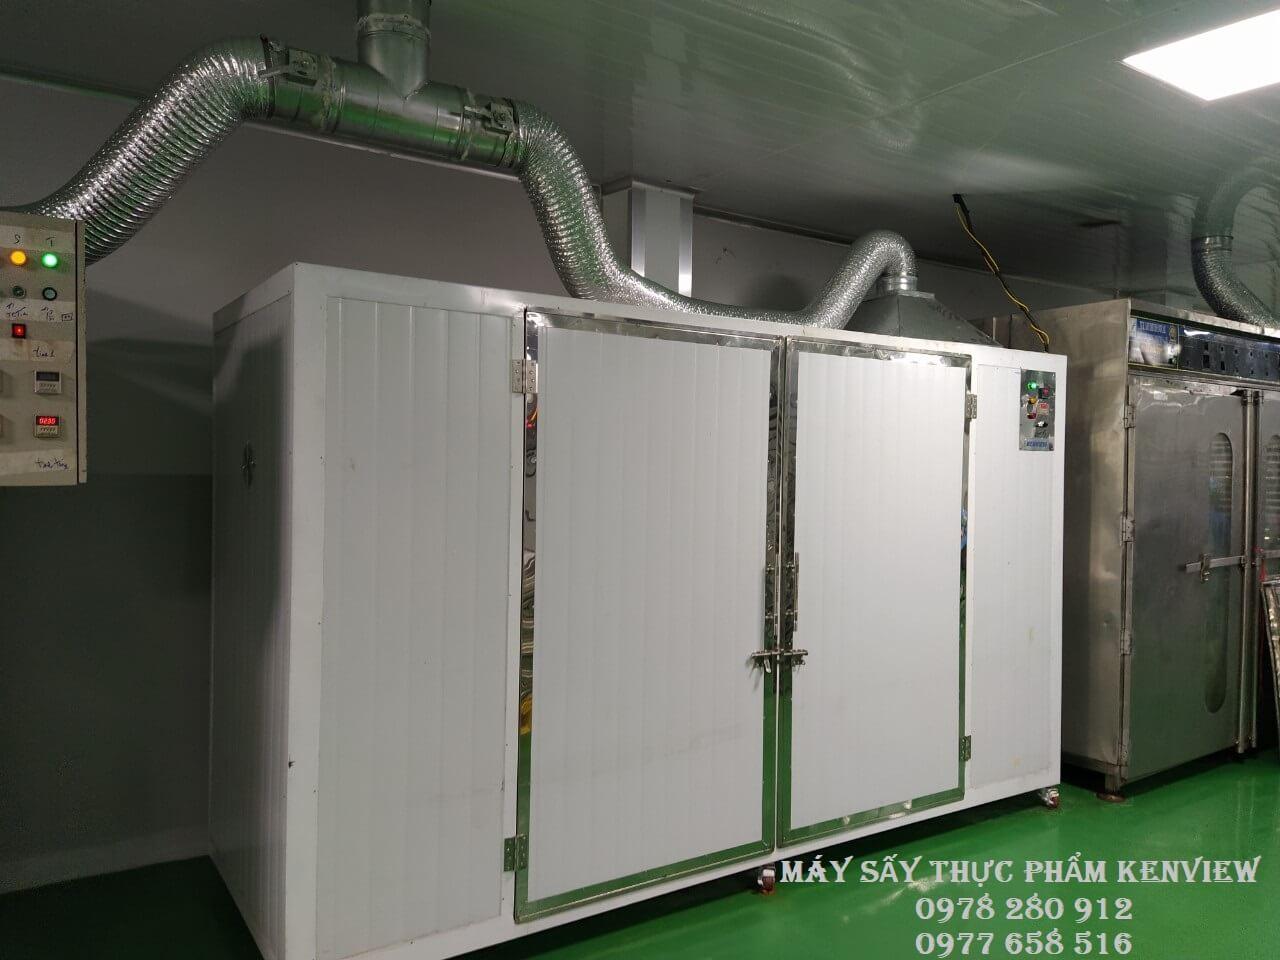 máy sấy thực phẩm Kenview MS200